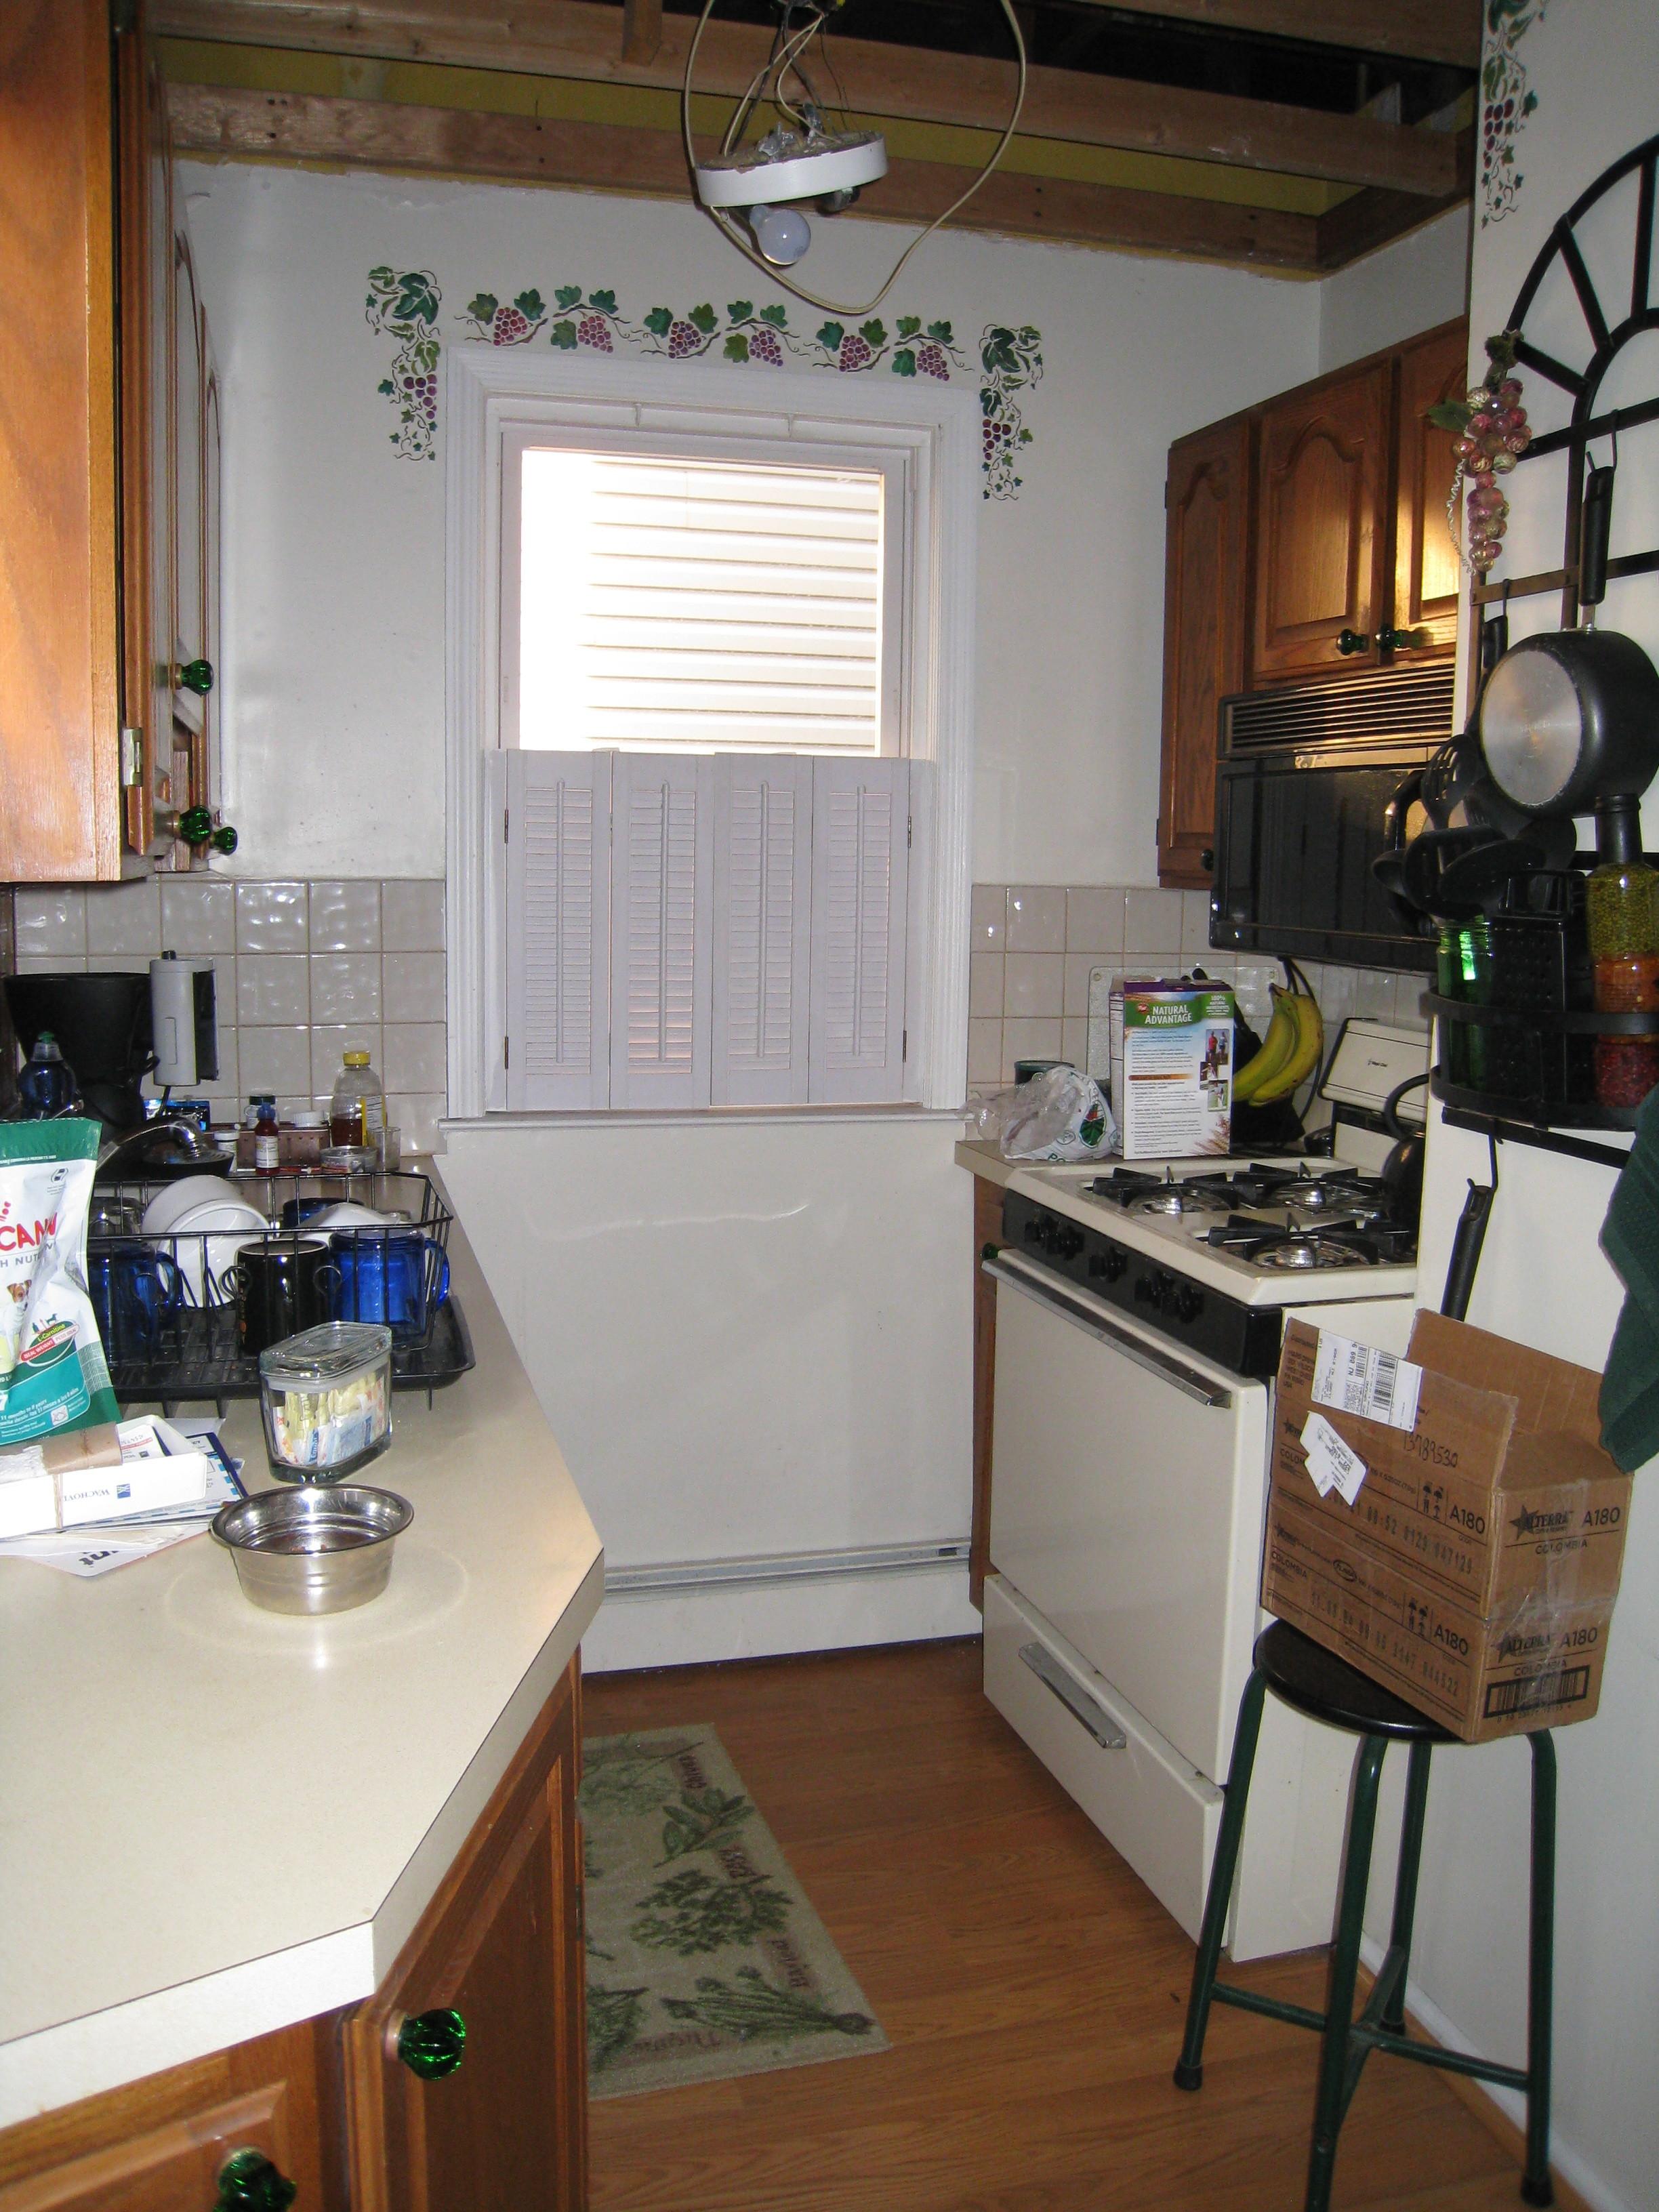 Lin kitchen beforeIMG_2122.jpg